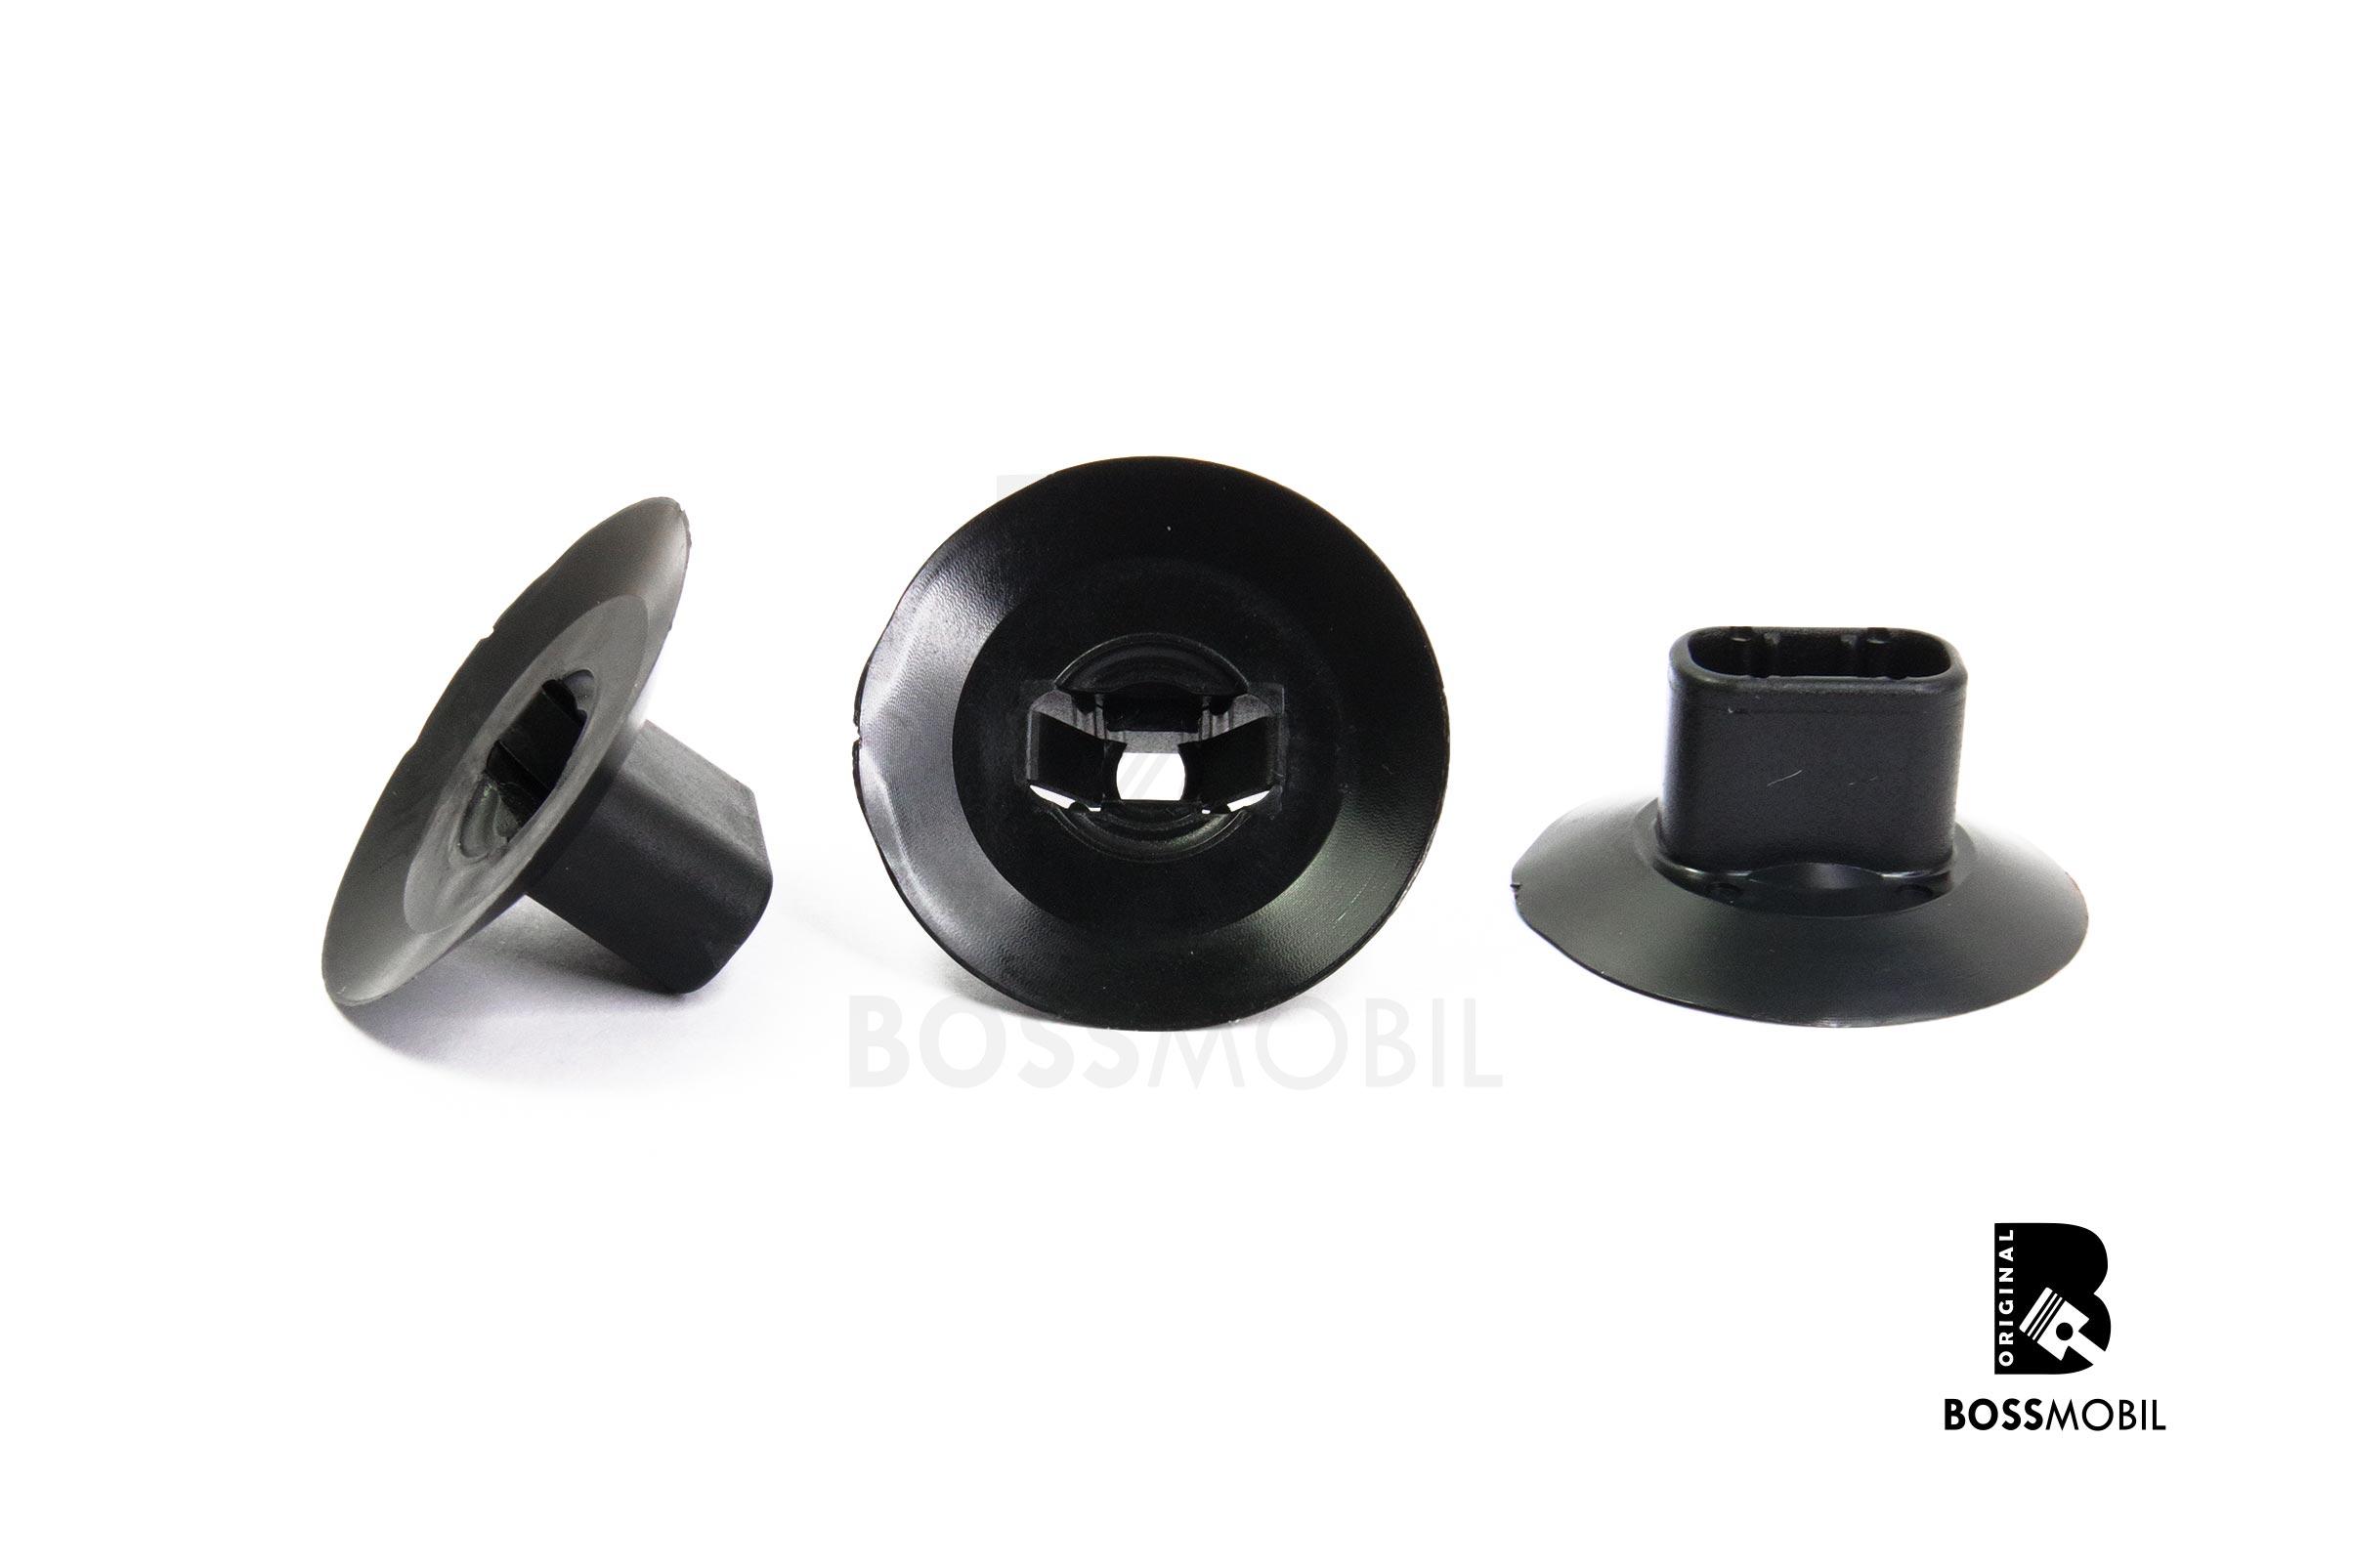 ORIGINAL BOSSMOBIL de roue grommet//manchon//boot /étain//bo/îte//manchon//bague /écrou//vis femelle LAGUNA CLIO Nouveau 30 X 11 X 13 x 5 mm